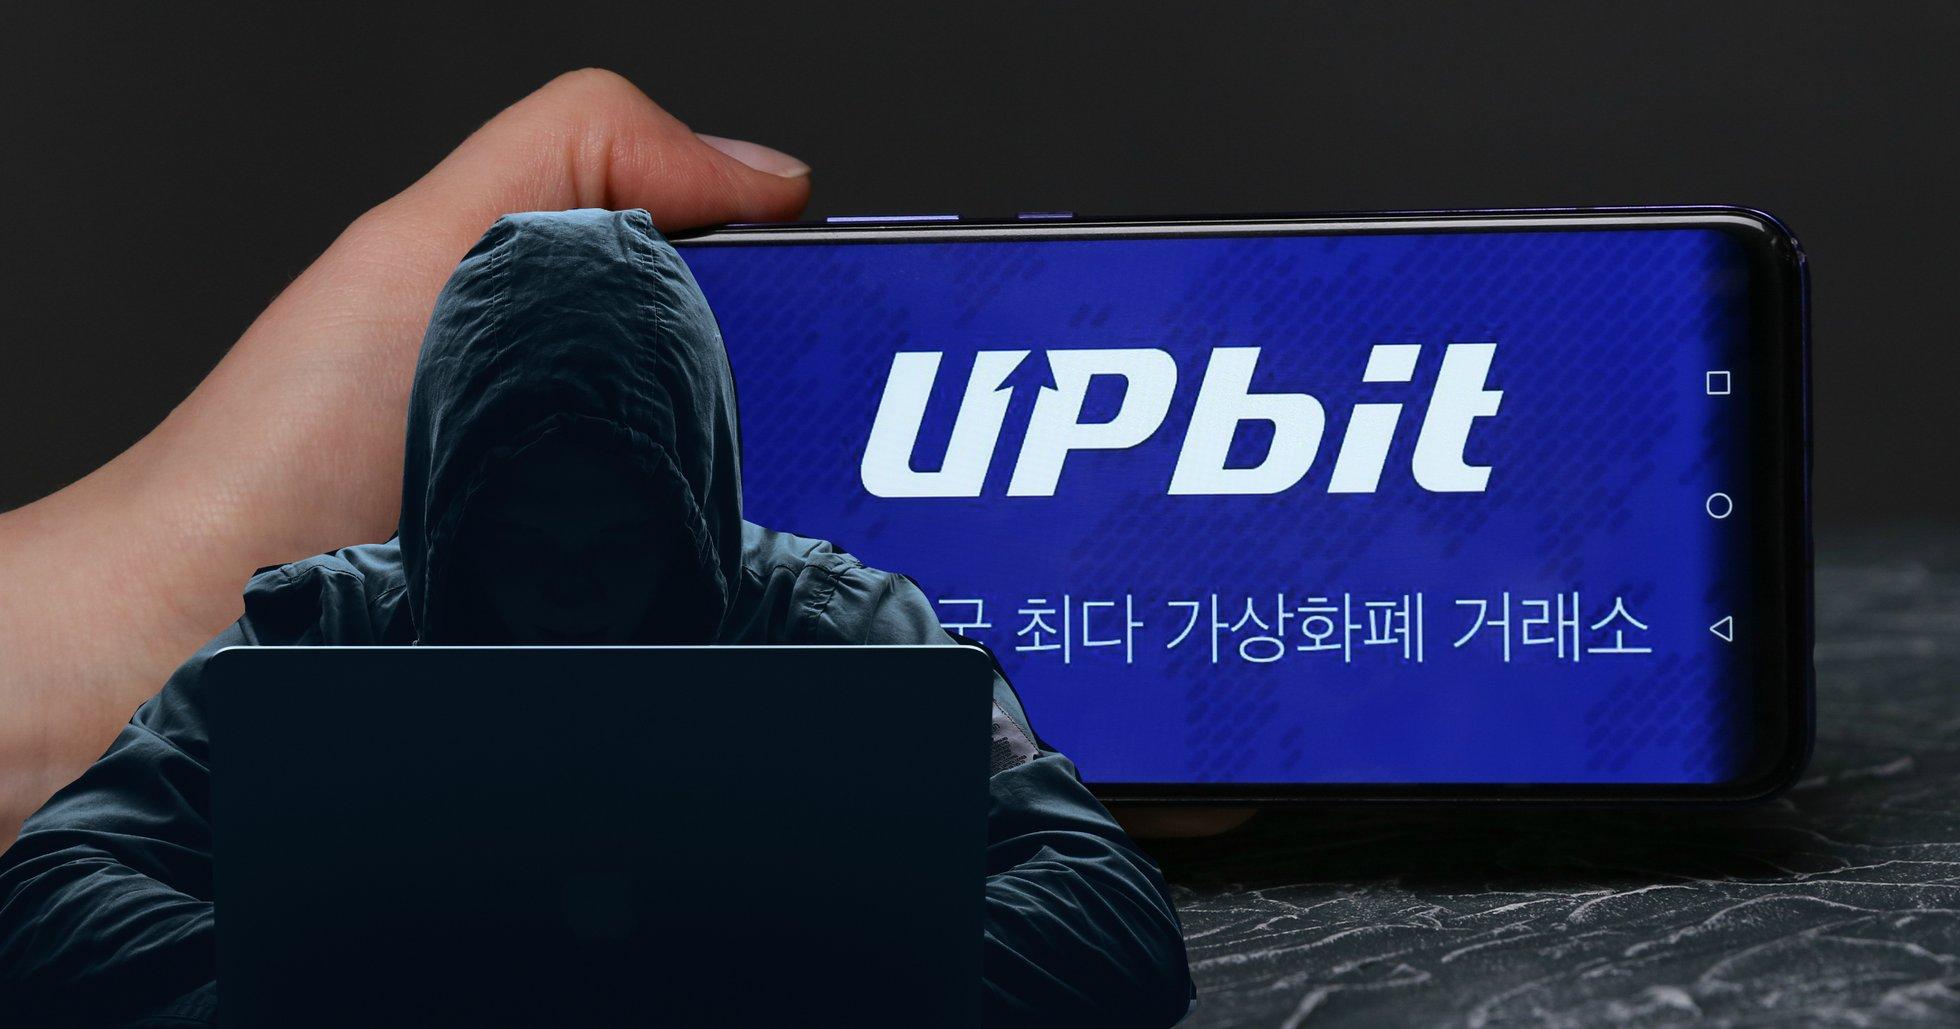 Kryptobörsen Upbit bekräftar stöld på 465 miljoner i ether – bitcoinpriset faller.